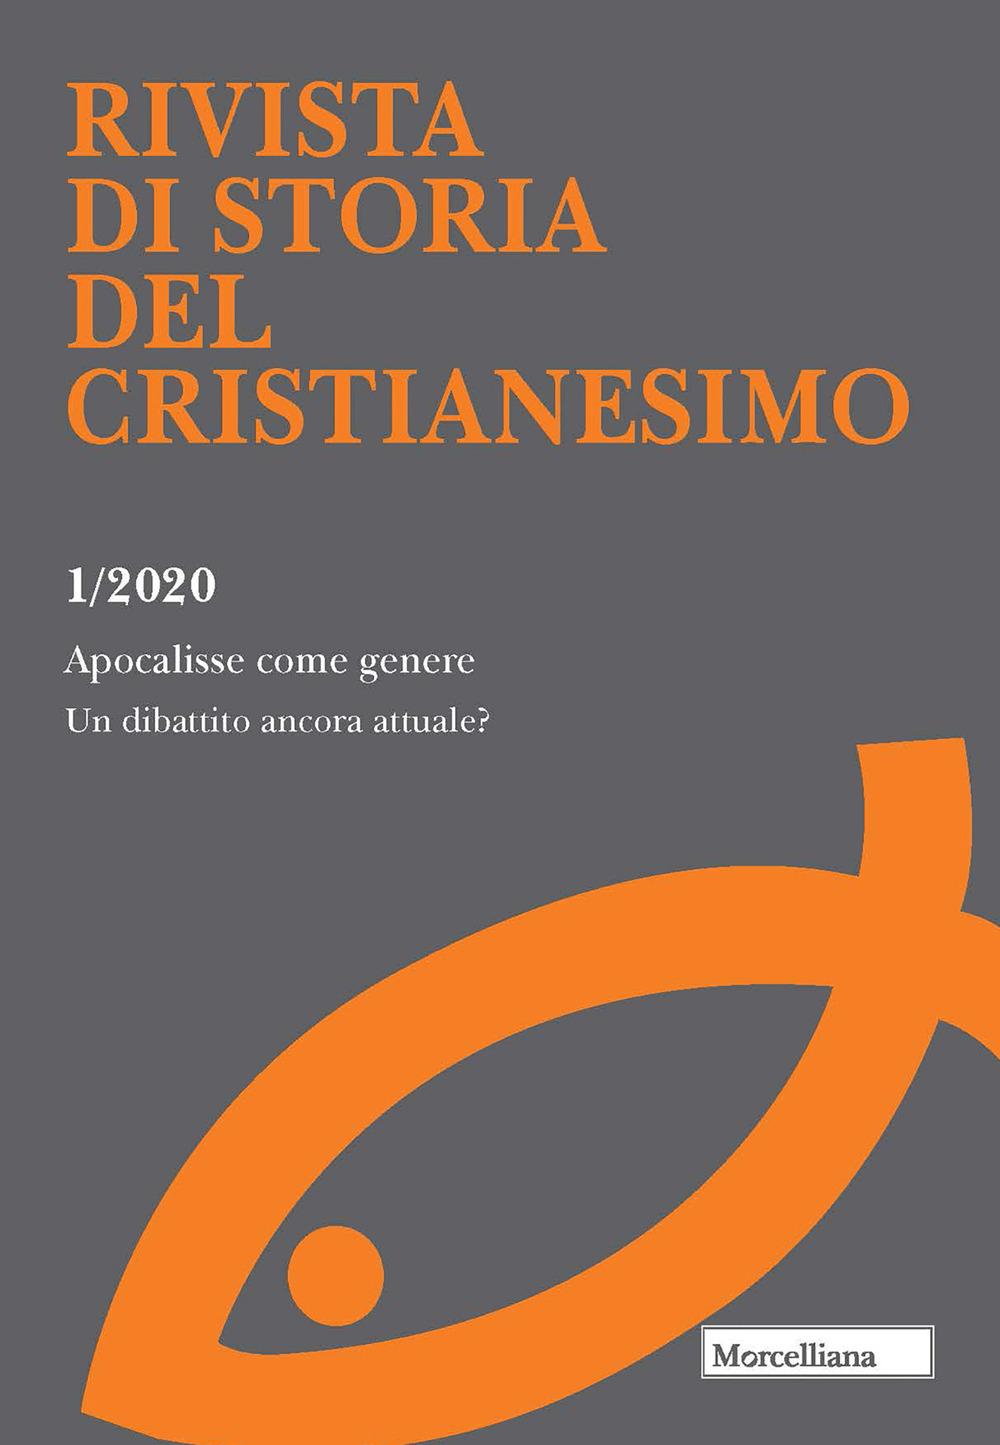 Image of Rivista di storia del cristianesimo (2020). Vol. 1: Apocalisse come genere. Un dibattito ancora attuale?.